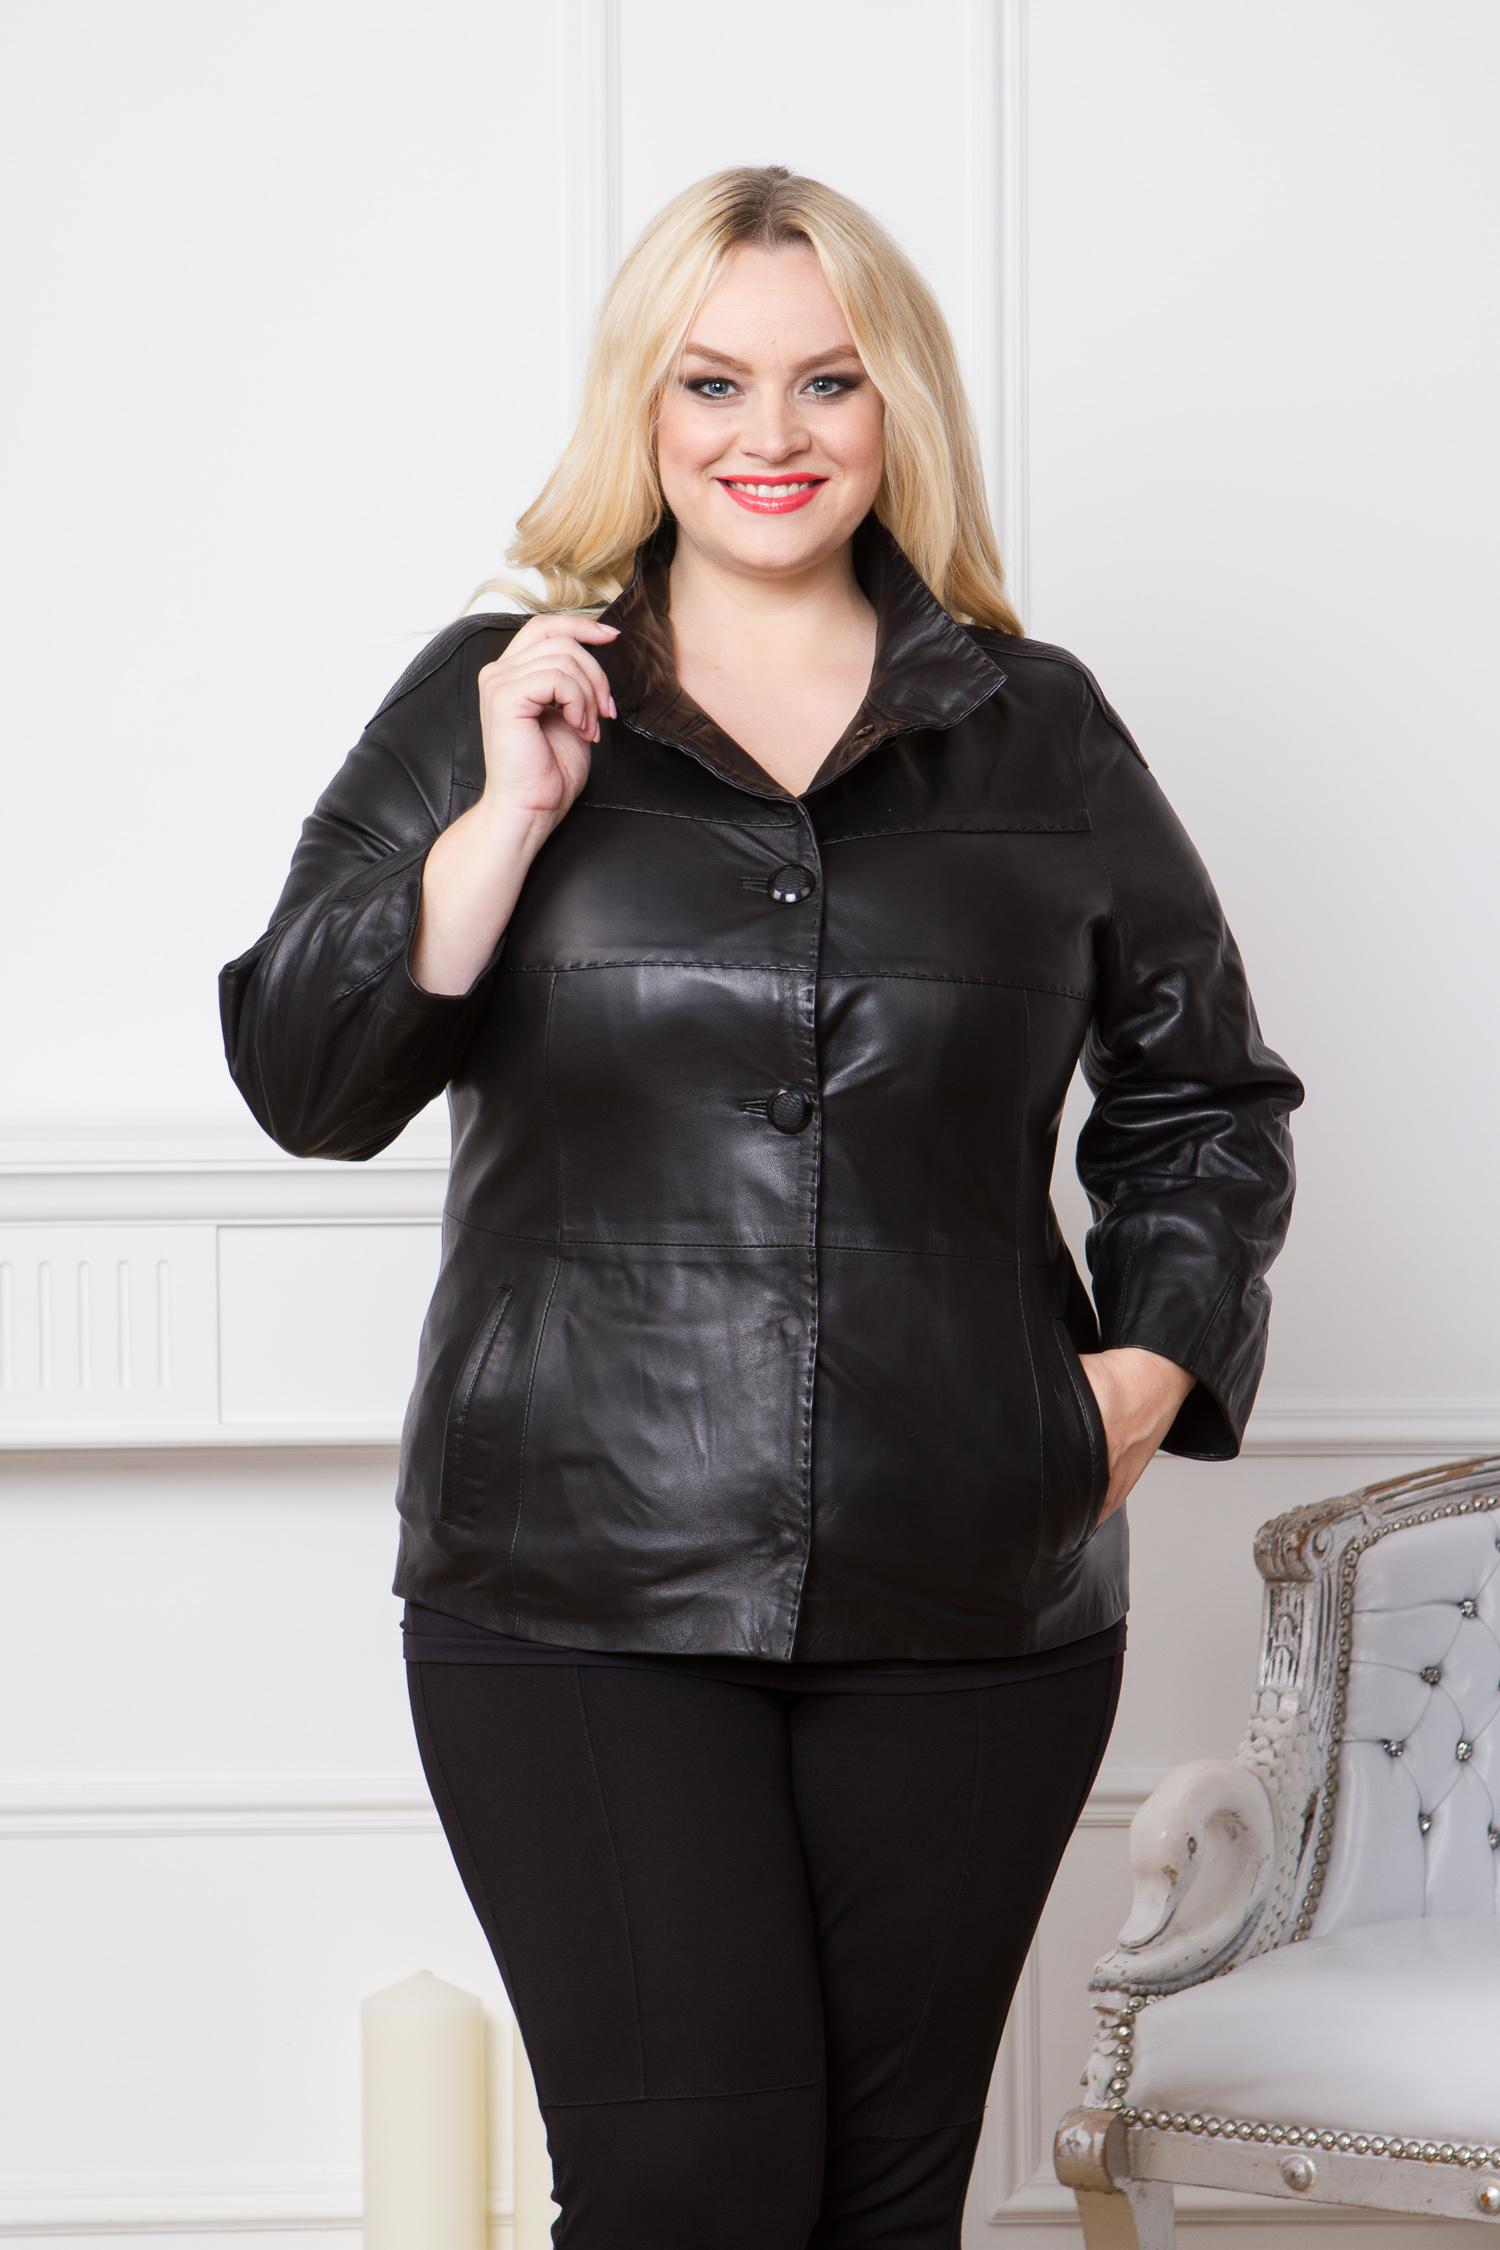 Женская кожаная куртка из натуральной кожи с воротником, без отделкиЦвет - оникс (черный).<br><br>Элегантная классика никогда не выйдет из моды. Кожаная куртка пиджачного типа - это маст-хэв для поклонниц повседневного или офисного стиля. Модель выполнена из мягкой кожи ягненка. Благодаря качественному натуральному материалу, куртка не будет деформироваться. Хорошая форма продержится несколько сезонов.<br><br>Модель застегивается на пуговицы и кнопки. Дополняет изделие воротник-стойка и боковые карманы.<br><br>Воротник: стойка<br>Длина см: Короткая (51-74 )<br>Материал: Кожа овчина<br>Цвет: черный<br>Вид застежки: центральная<br>Застежка: на пуговицы<br>Пол: Женский<br>Размер RU: 50